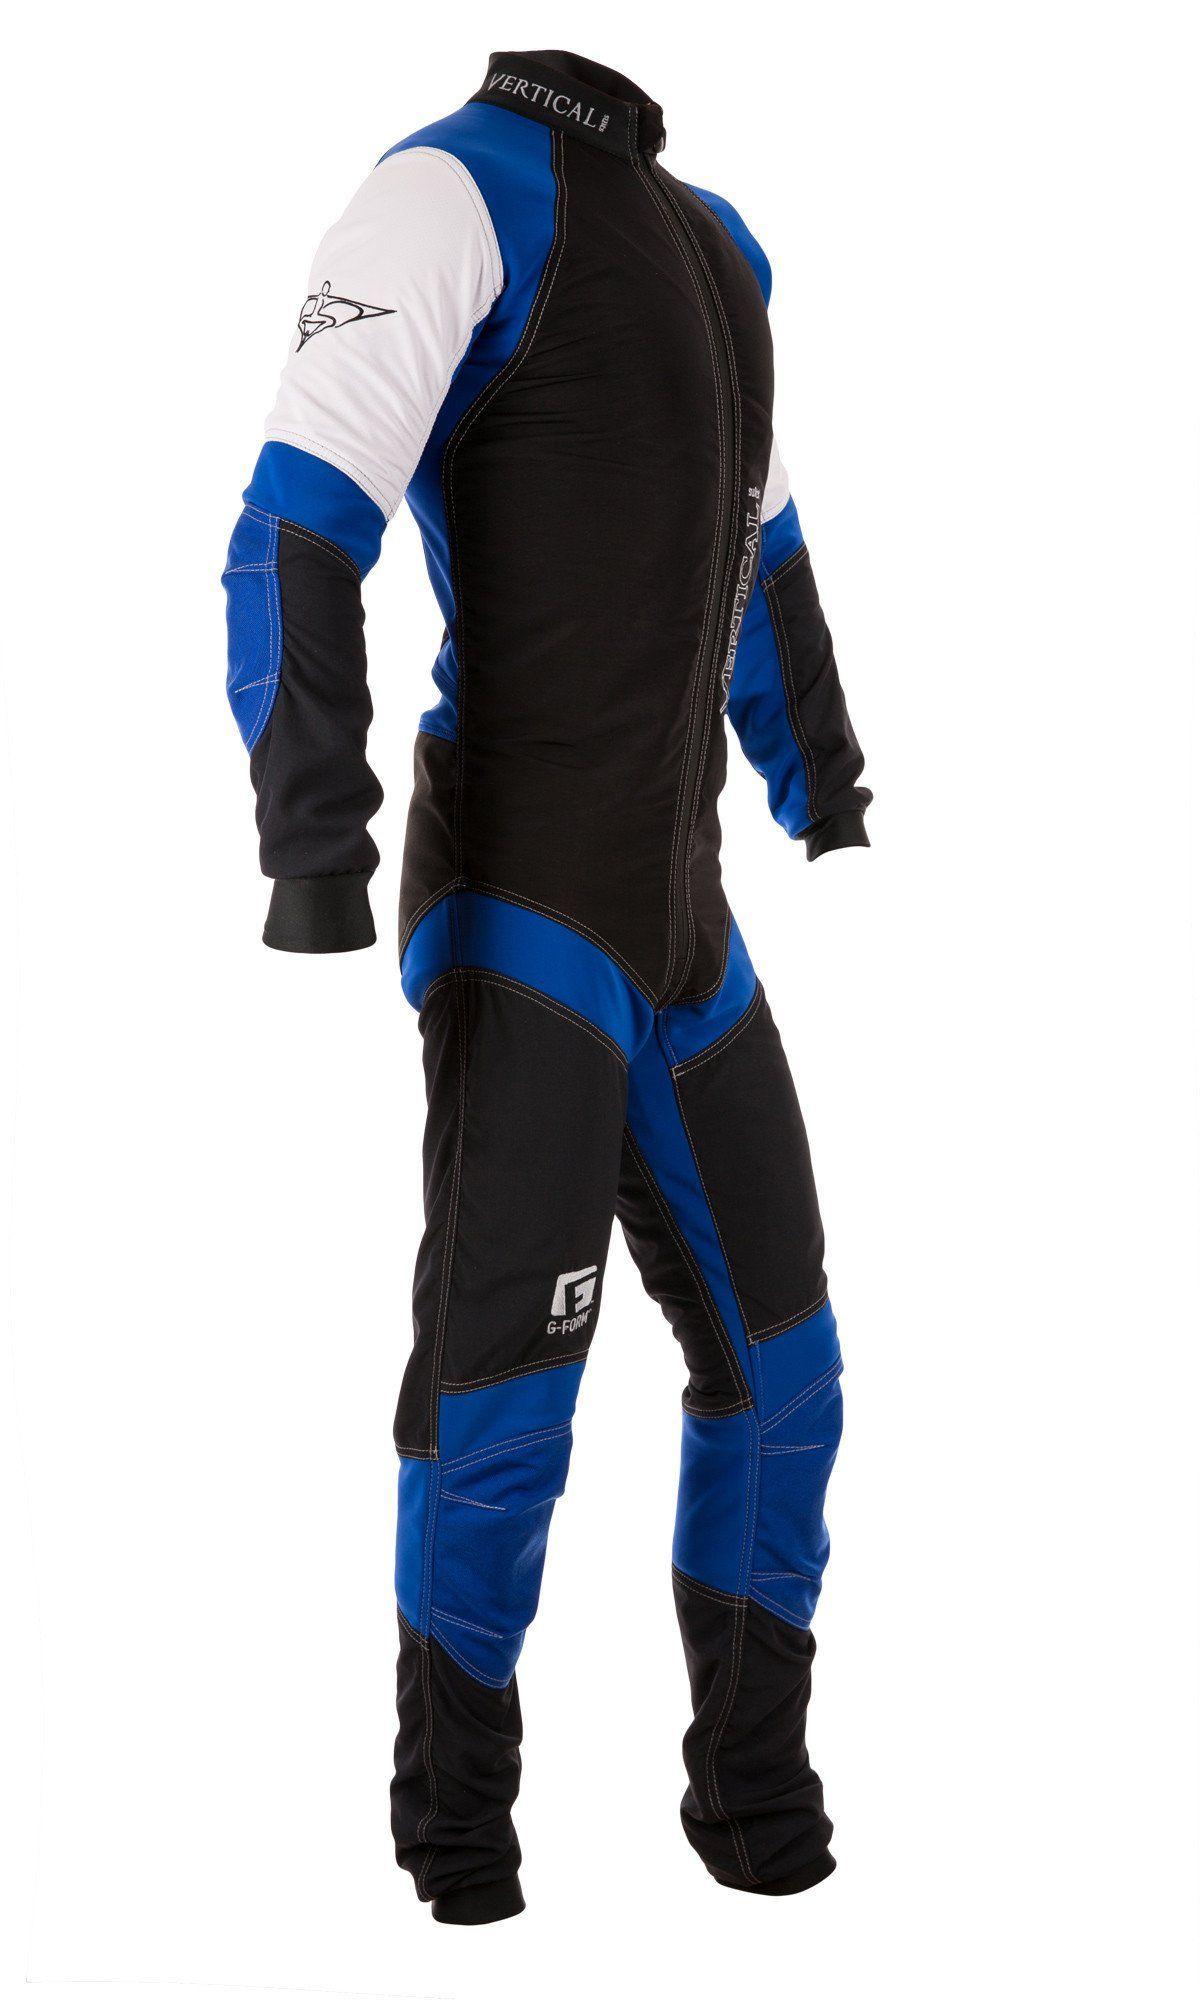 Viper Pro Suit Suits Racing Suit Skydiving Suit